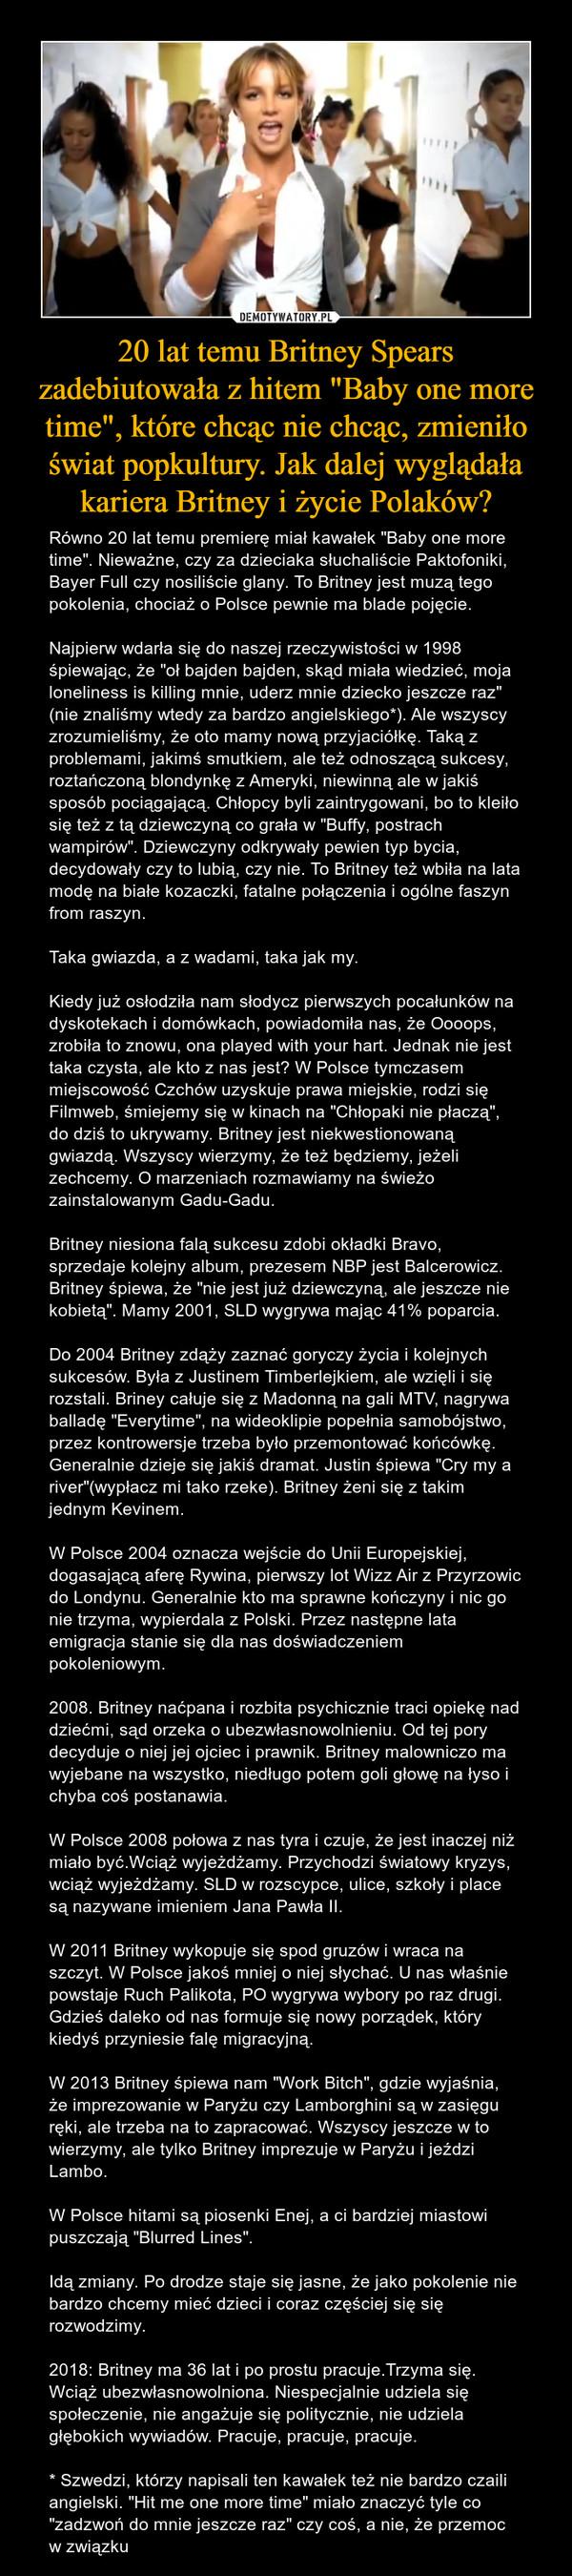 """20 lat temu Britney Spears zadebiutowała z hitem """"Baby one more time"""", które chcąc nie chcąc, zmieniło świat popkultury. Jak dalej wyglądała kariera Britney i życie Polaków? – Równo 20 lat temu premierę miał kawałek """"Baby one more time"""". Nieważne, czy za dzieciaka słuchaliście Paktofoniki, Bayer Full czy nosiliście glany. To Britney jest muzą tego pokolenia, chociaż o Polsce pewnie ma blade pojęcie.Najpierw wdarła się do naszej rzeczywistości w 1998 śpiewając, że """"oł bajden bajden, skąd miała wiedzieć, moja loneliness is killing mnie, uderz mnie dziecko jeszcze raz"""" (nie znaliśmy wtedy za bardzo angielskiego*). Ale wszyscy zrozumieliśmy, że oto mamy nową przyjaciółkę. Taką z problemami, jakimś smutkiem, ale też odnoszącą sukcesy, roztańczoną blondynkę z Ameryki, niewinną ale w jakiś sposób pociągającą. Chłopcy byli zaintrygowani, bo to kleiło się też z tą dziewczyną co grała w """"Buffy, postrach wampirów"""". Dziewczyny odkrywały pewien typ bycia, decydowały czy to lubią, czy nie. To Britney też wbiła na lata modę na białe kozaczki, fatalne połączenia i ogólne faszyn from raszyn.Taka gwiazda, a z wadami, taka jak my.Kiedy już osłodziła nam słodycz pierwszych pocałunków na dyskotekach i domówkach, powiadomiła nas, że Oooops, zrobiła to znowu, ona played with your hart. Jednak nie jest taka czysta, ale kto z nas jest? W Polsce tymczasem miejscowość Czchów uzyskuje prawa miejskie, rodzi się Filmweb, śmiejemy się w kinach na """"Chłopaki nie płaczą"""", do dziś to ukrywamy. Britney jest niekwestionowaną gwiazdą. Wszyscy wierzymy, że też będziemy, jeżeli zechcemy. O marzeniach rozmawiamy na świeżo zainstalowanym Gadu-Gadu.Britney niesiona falą sukcesu zdobi okładki Bravo, sprzedaje kolejny album, prezesem NBP jest Balcerowicz. Britney śpiewa, że """"nie jest już dziewczyną, ale jeszcze nie kobietą"""". Mamy 2001, SLD wygrywa mając 41% poparcia.Do 2004 Britney zdąży zaznać goryczy życia i kolejnych sukcesów. Była z Justinem Timberlejkiem, ale wzięli i się rozstali. Briney całuje się z Mad"""